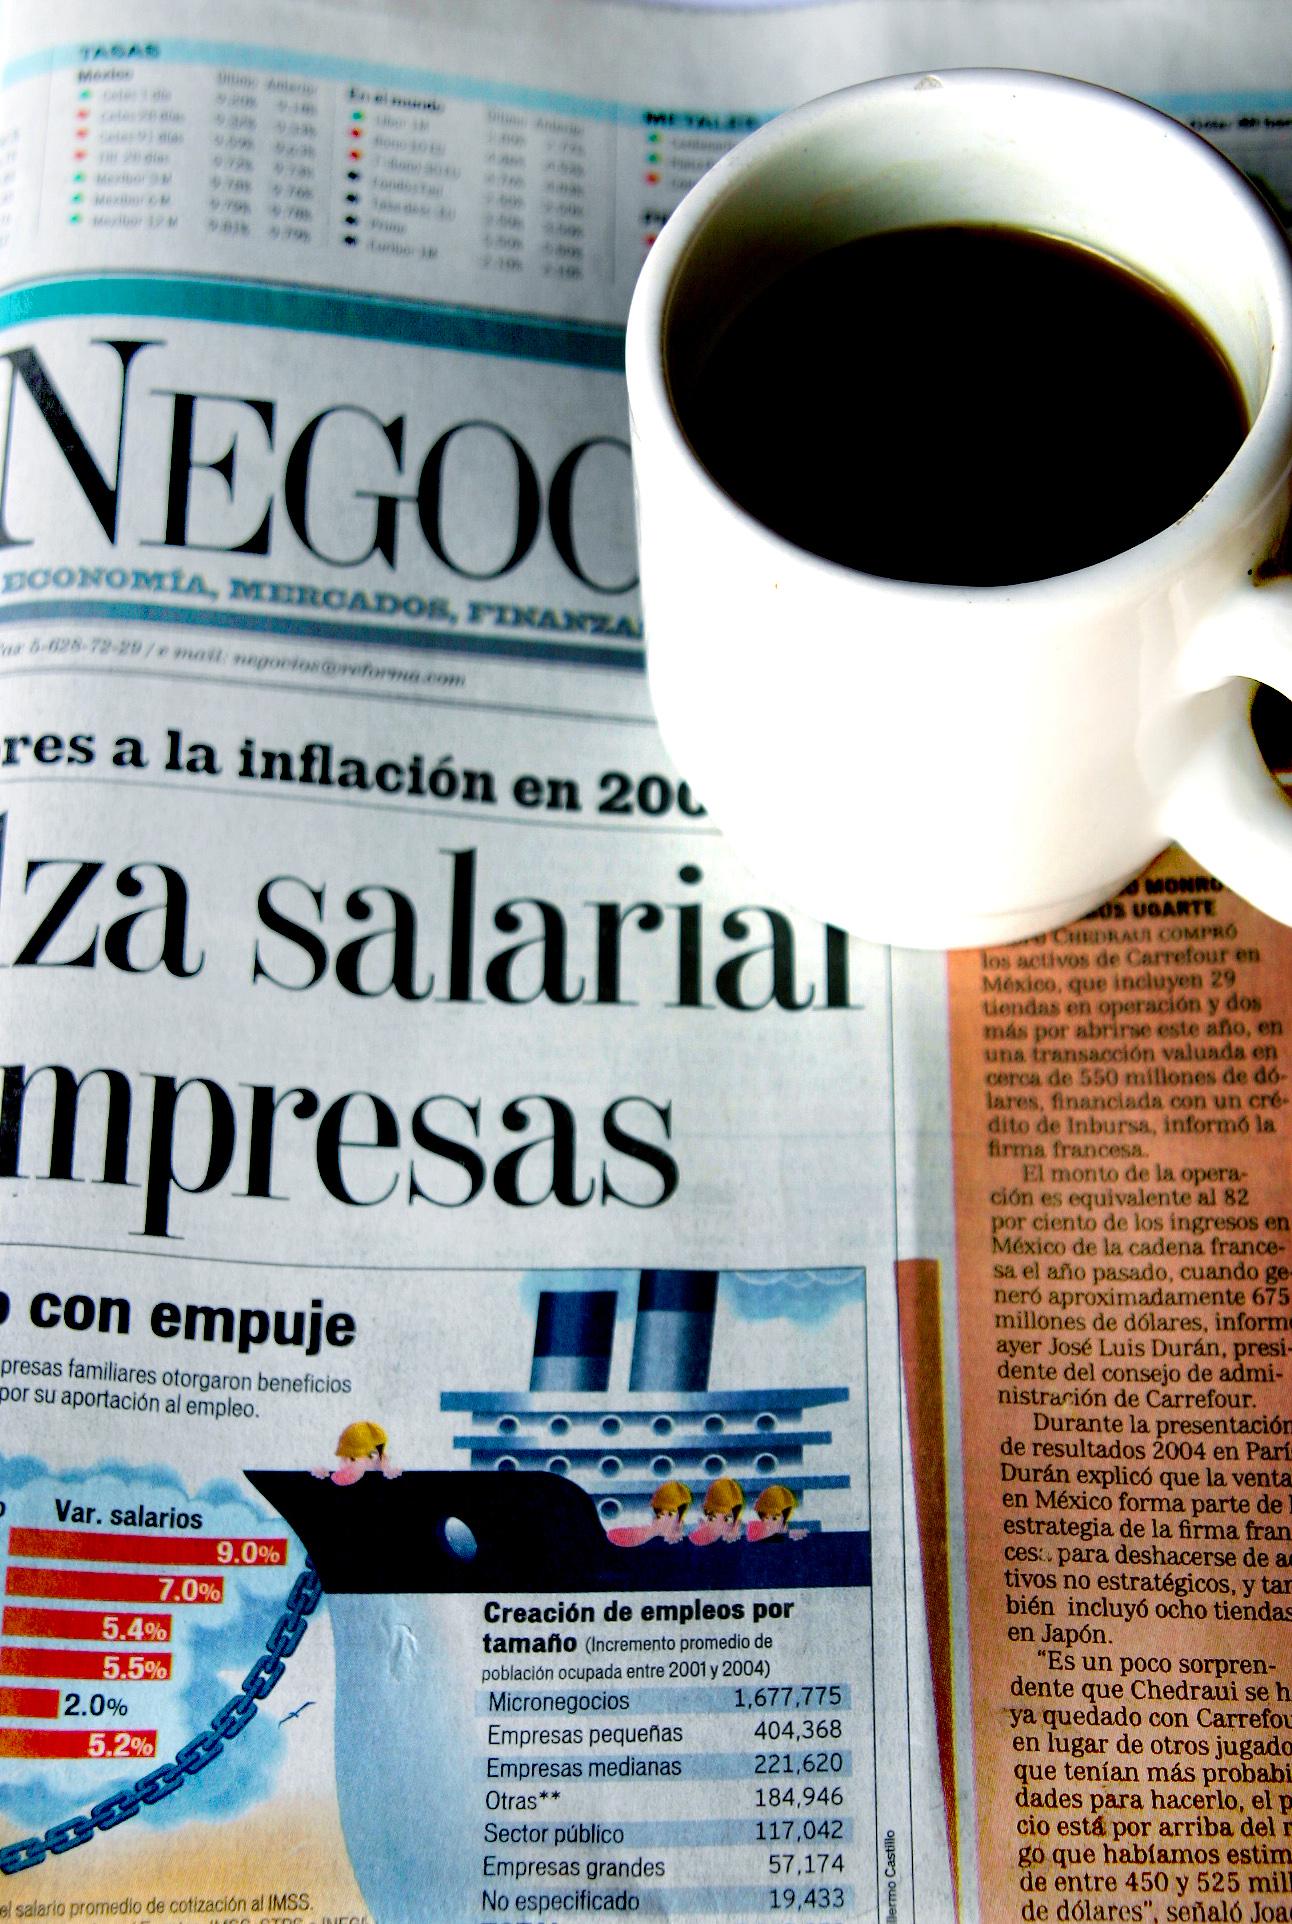 Si lees en tu despacho, no interviene nadie más. Foto: Miguel Ugalde.